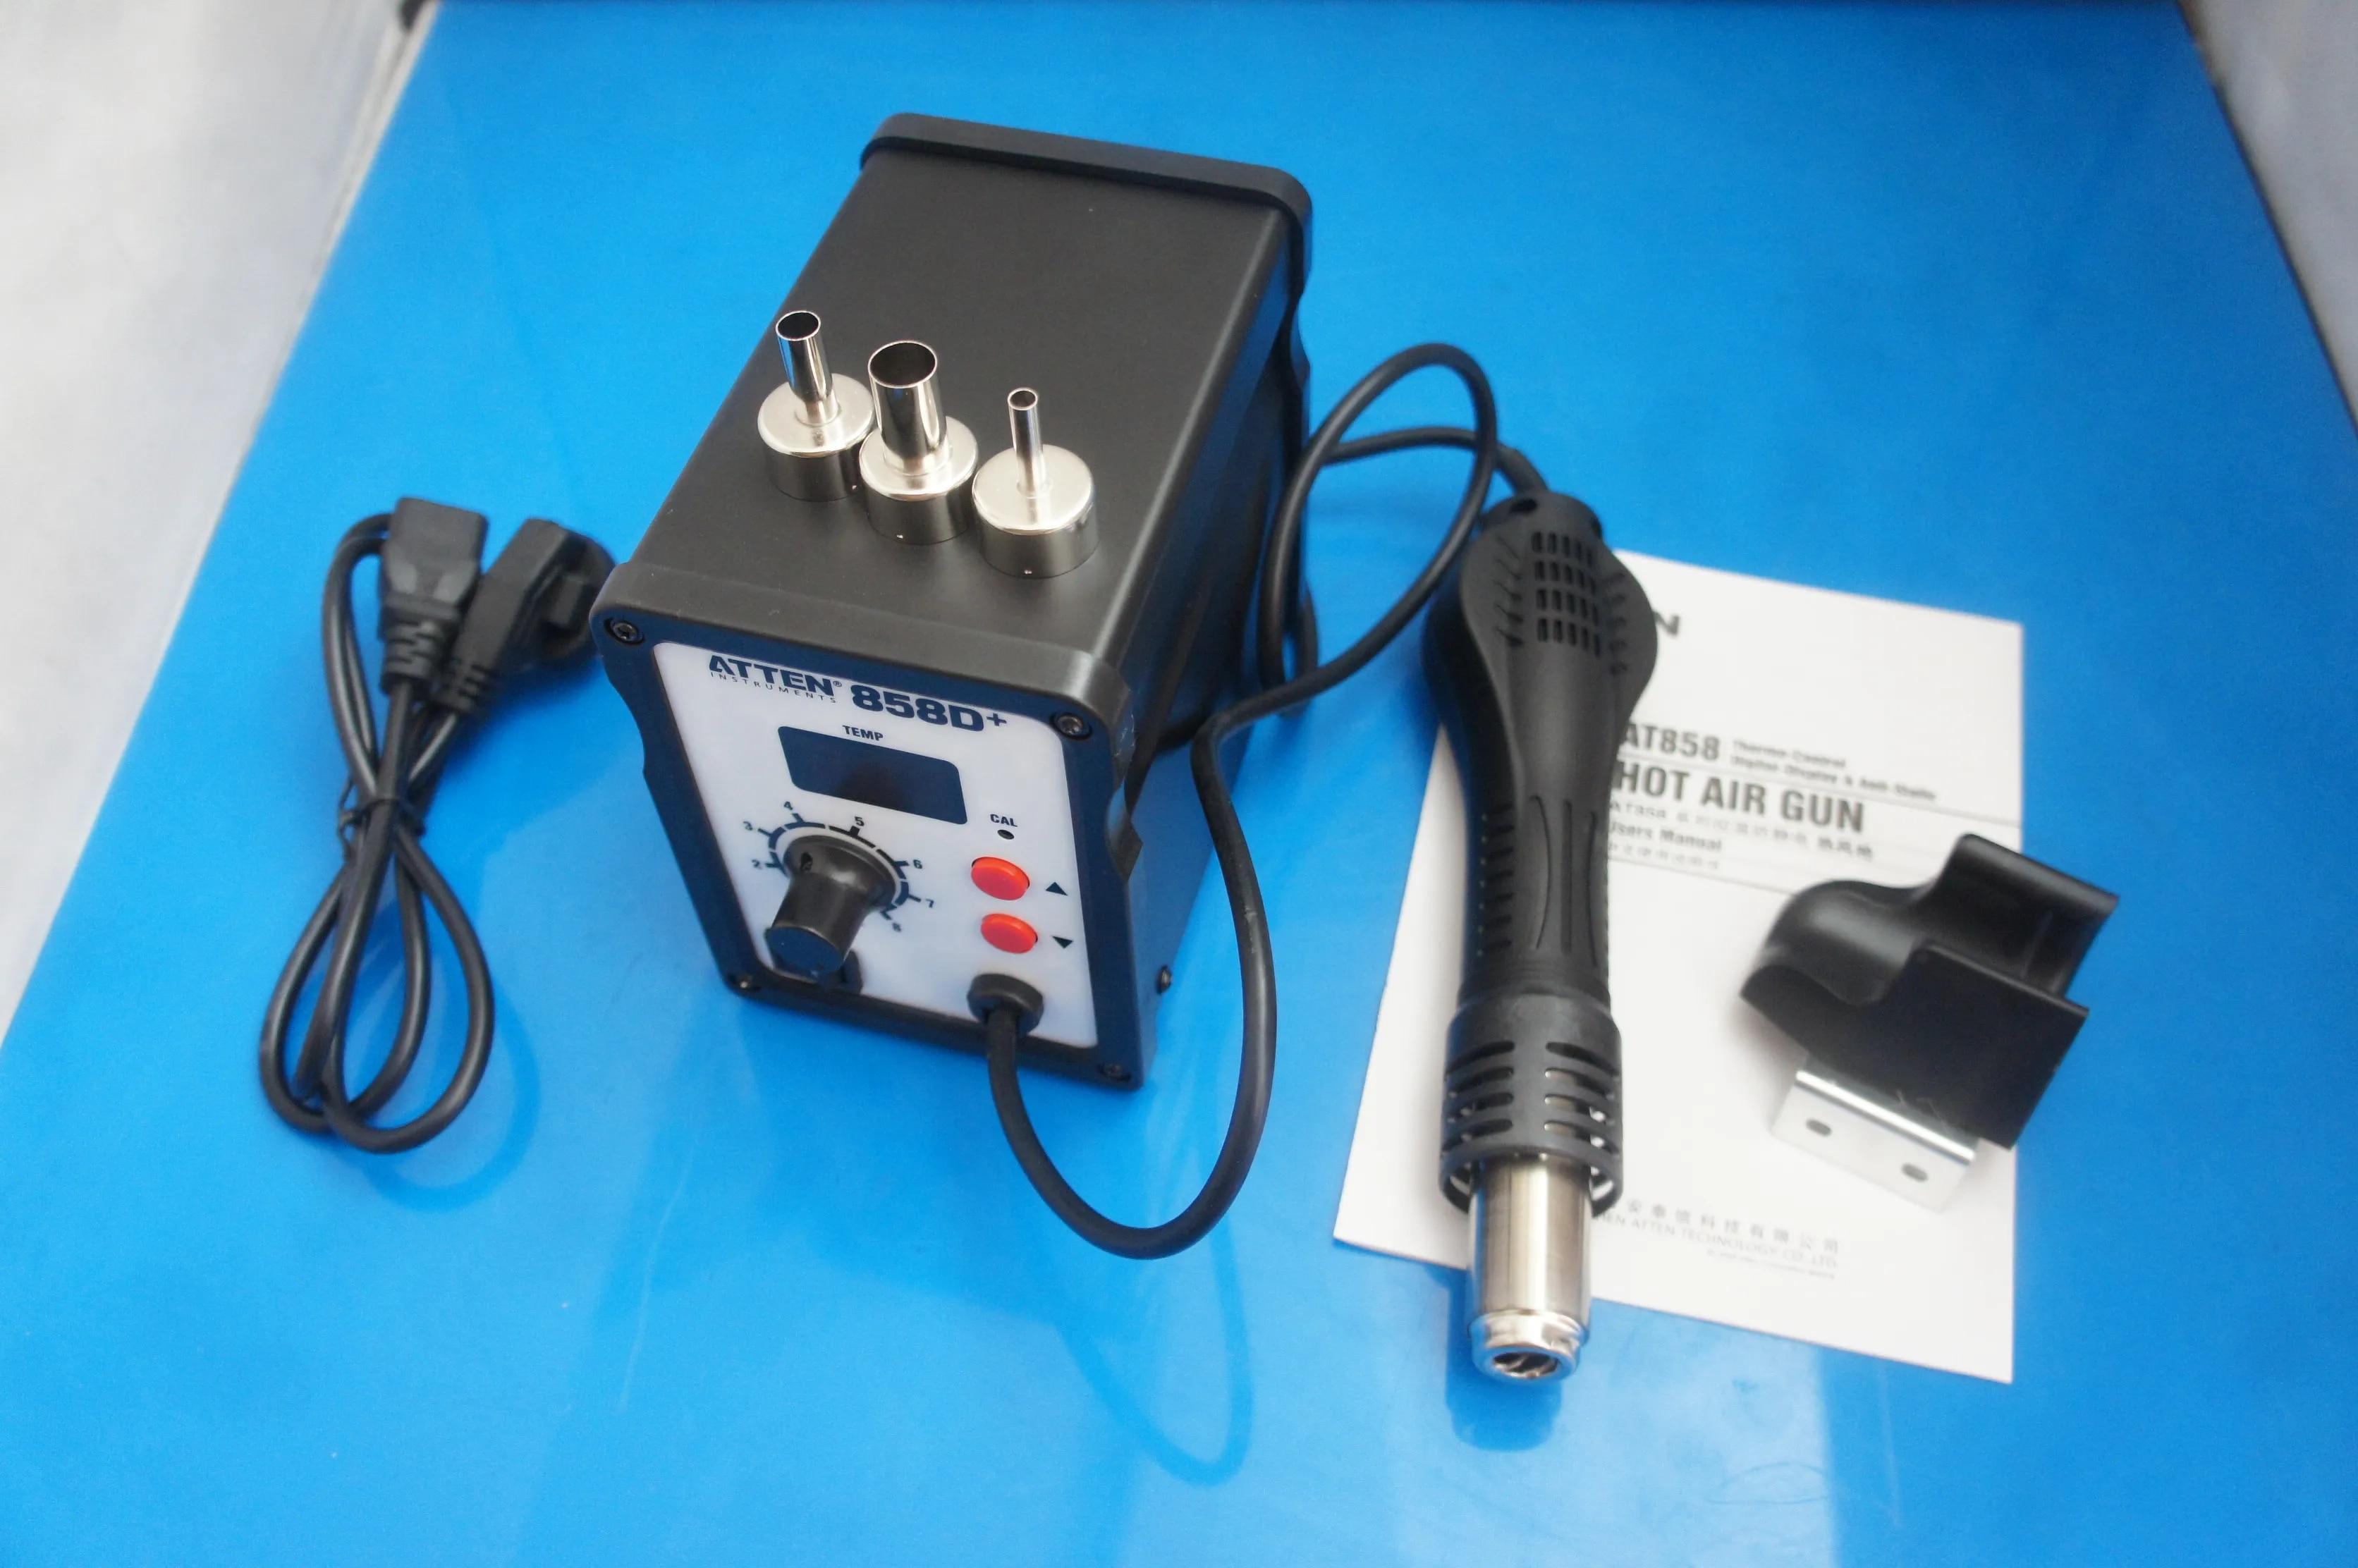 858D + SMD קבוע טמפרטורת אוויר חם אקדח מתכוונן טמפרטורת displa הדיגיטלי אוויר חם אקדח עיבוד חוזר תחנת הלחמה 220V